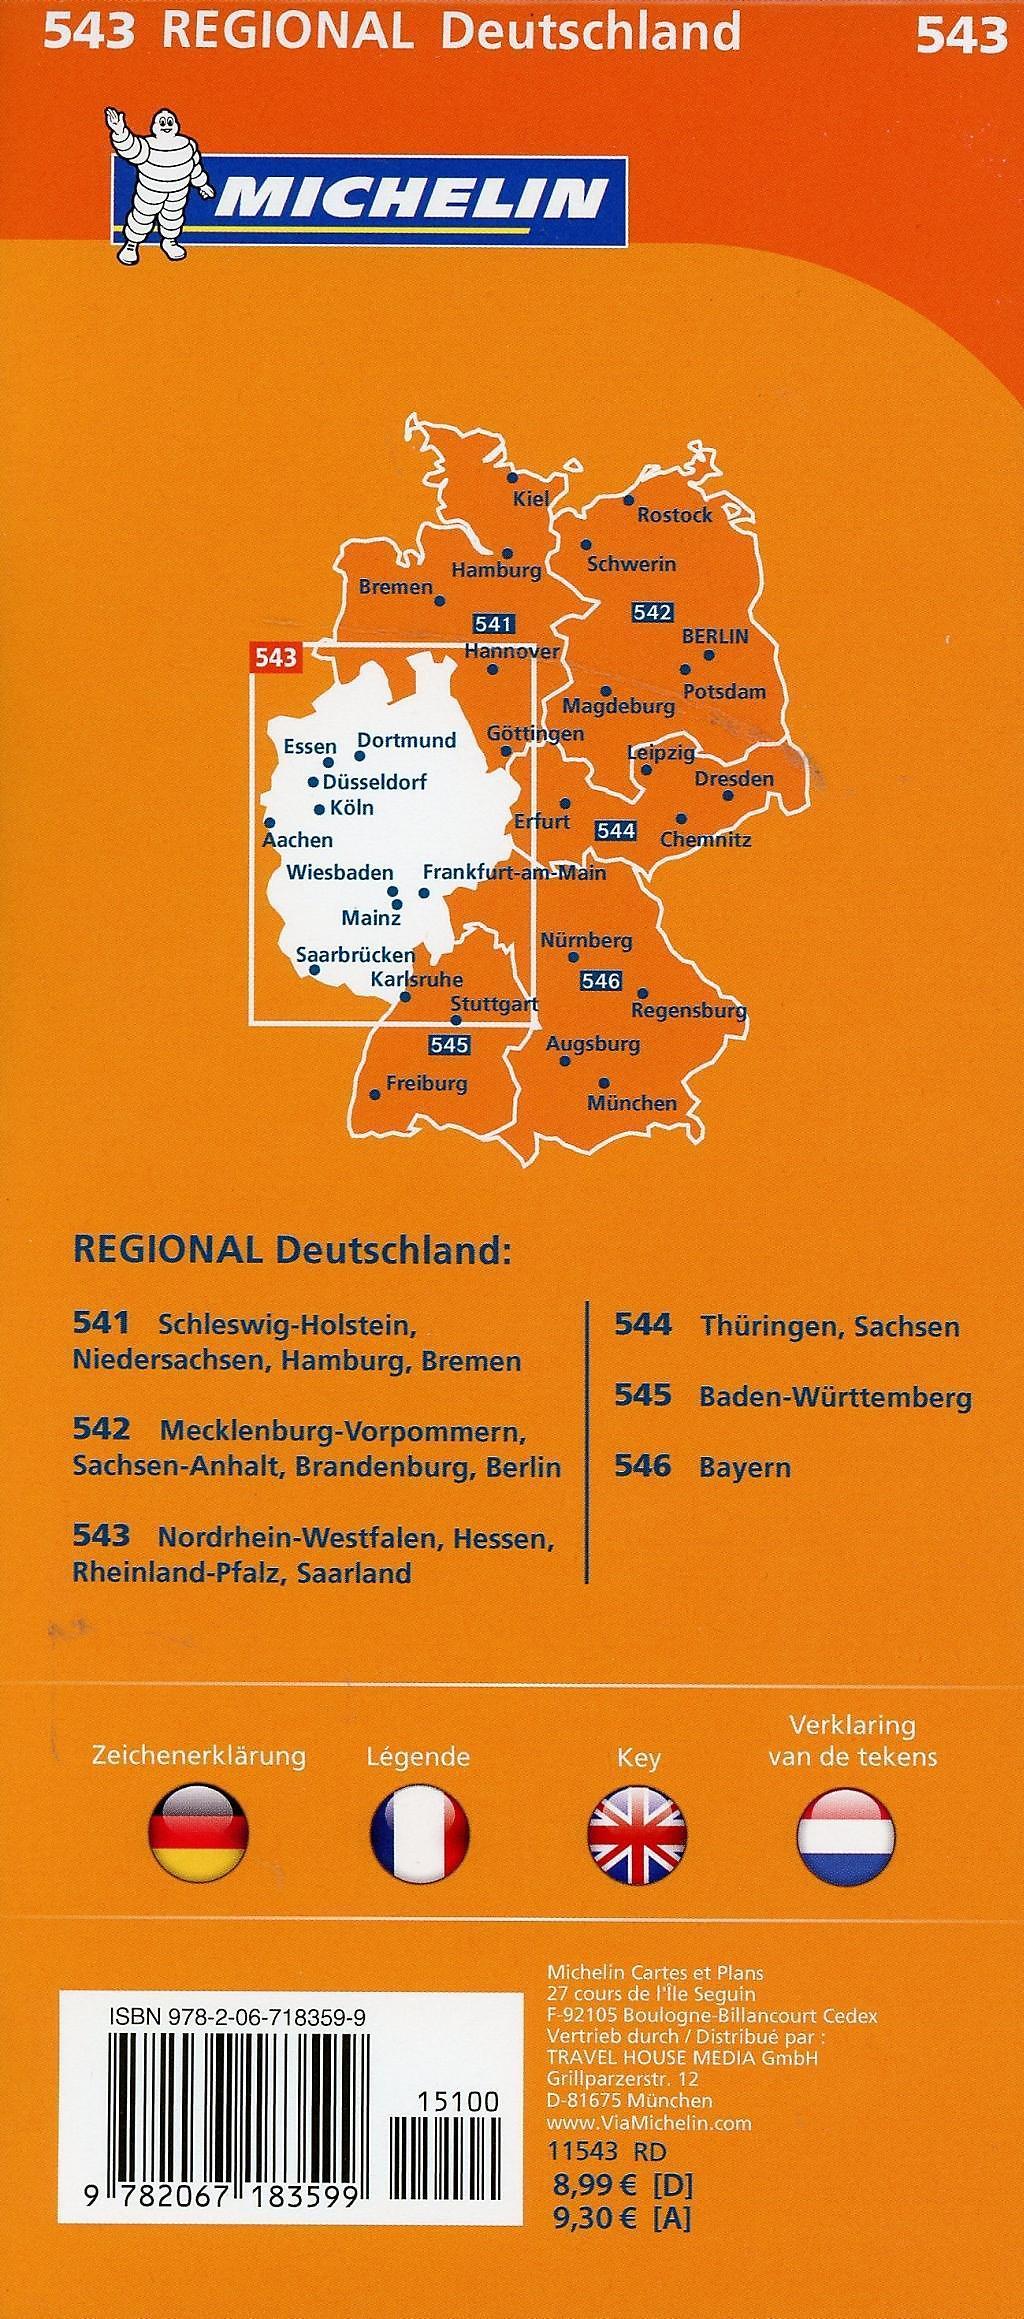 Nordrhein Westfalen Karte.Michelin Karte Nordrhein Westfalen Hessen Rheinland Pfalz